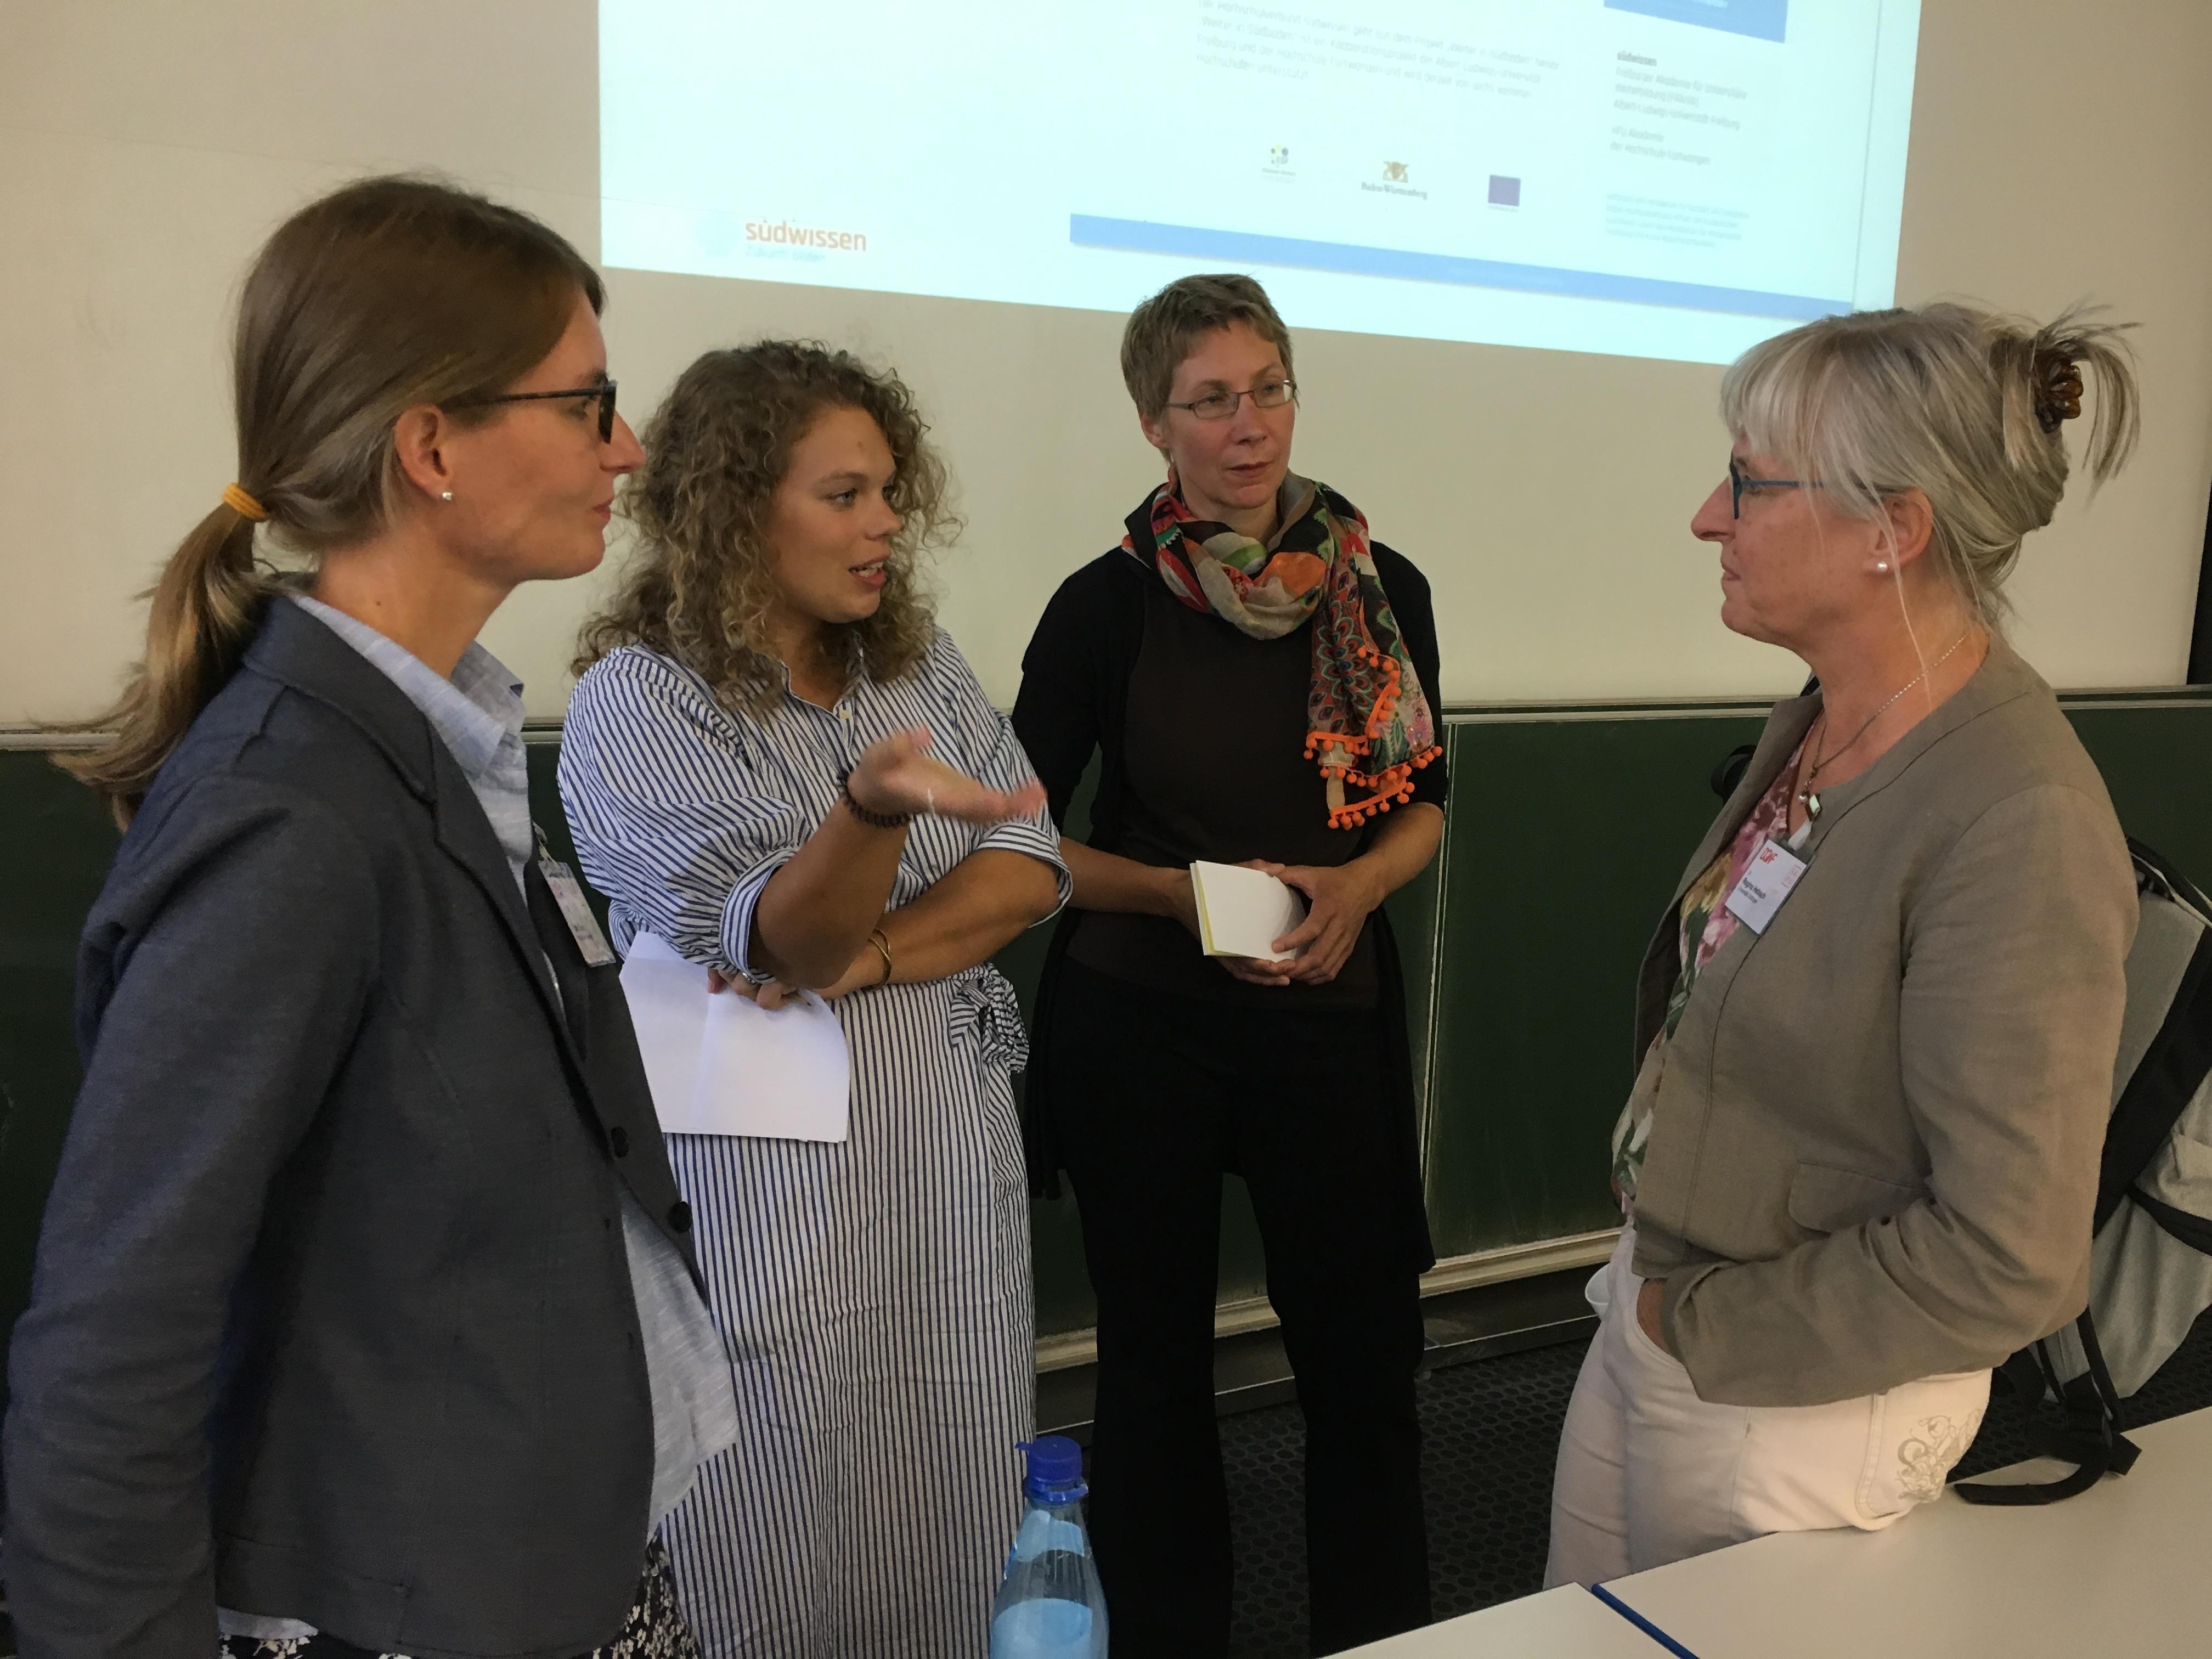 Katrin Ziem, Sophia Metzler und Julia Juhnke im Gespräch mit einer Zuhörerin nach dem Vortrag